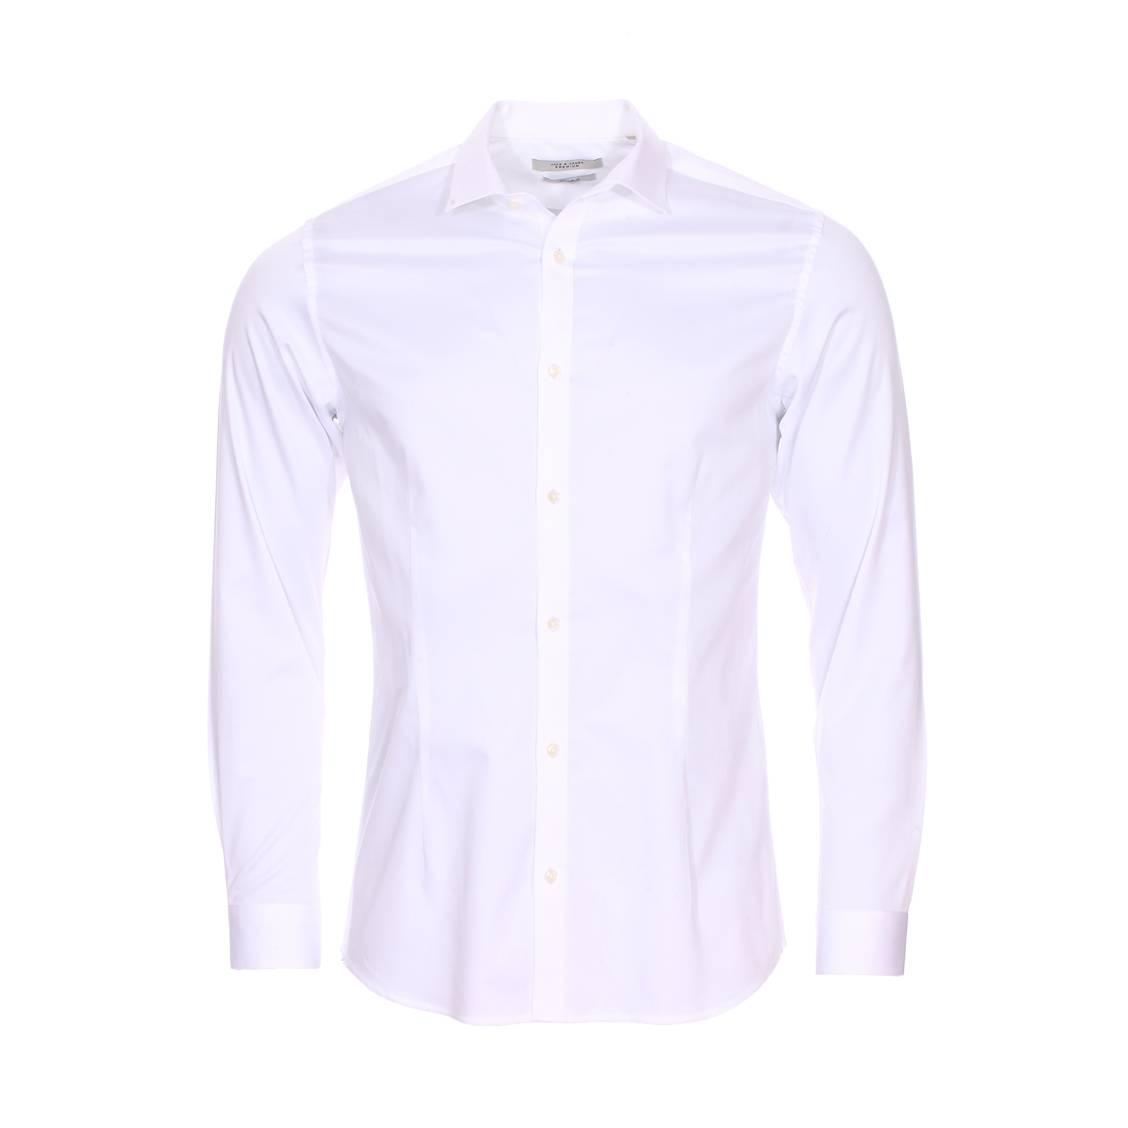 Chemise cintrée jack & jones premium parma en coton stretch blanc